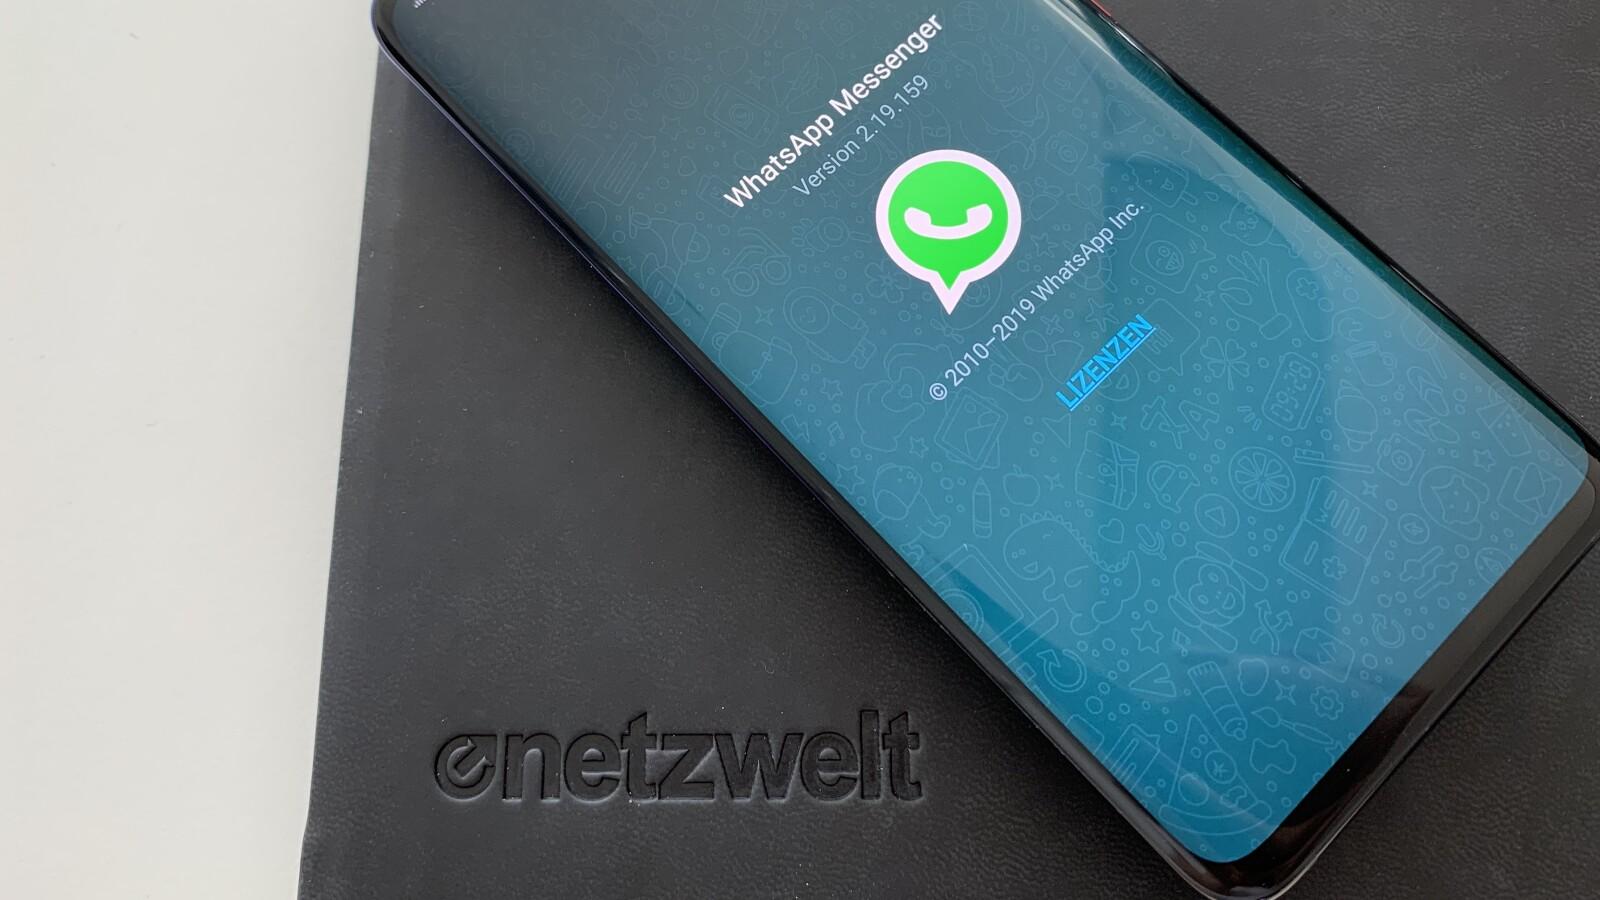 Iphone archivierte whatsapp chats bei löschen » WhatsApp: